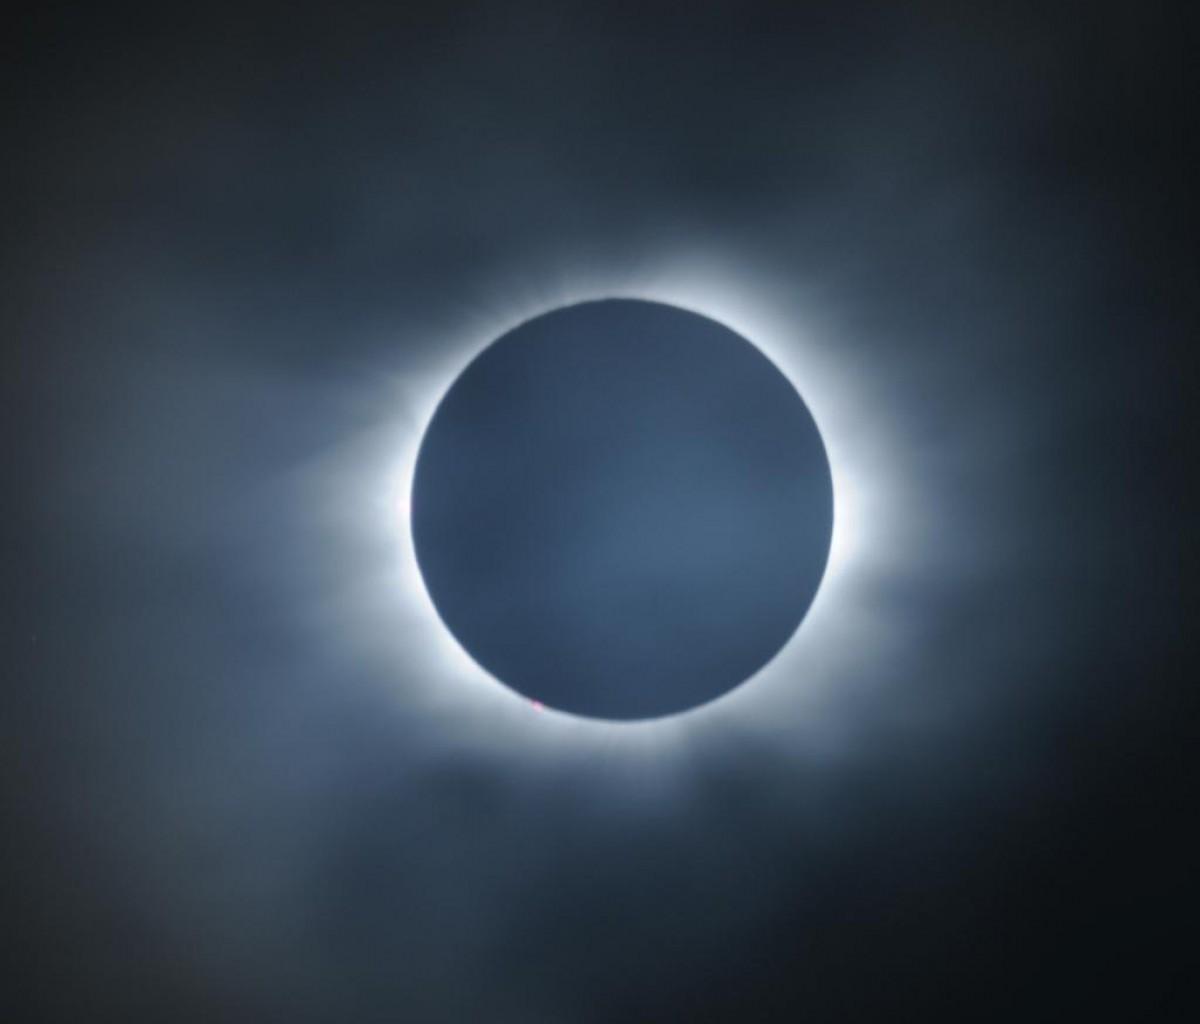 http://1.bp.blogspot.com/-m775SbW6NS8/TsGiH0_iadI/AAAAAAAAAYU/o_JqRMZG6O8/s1600/aku-aku-eclipse-1200x1024.jpg